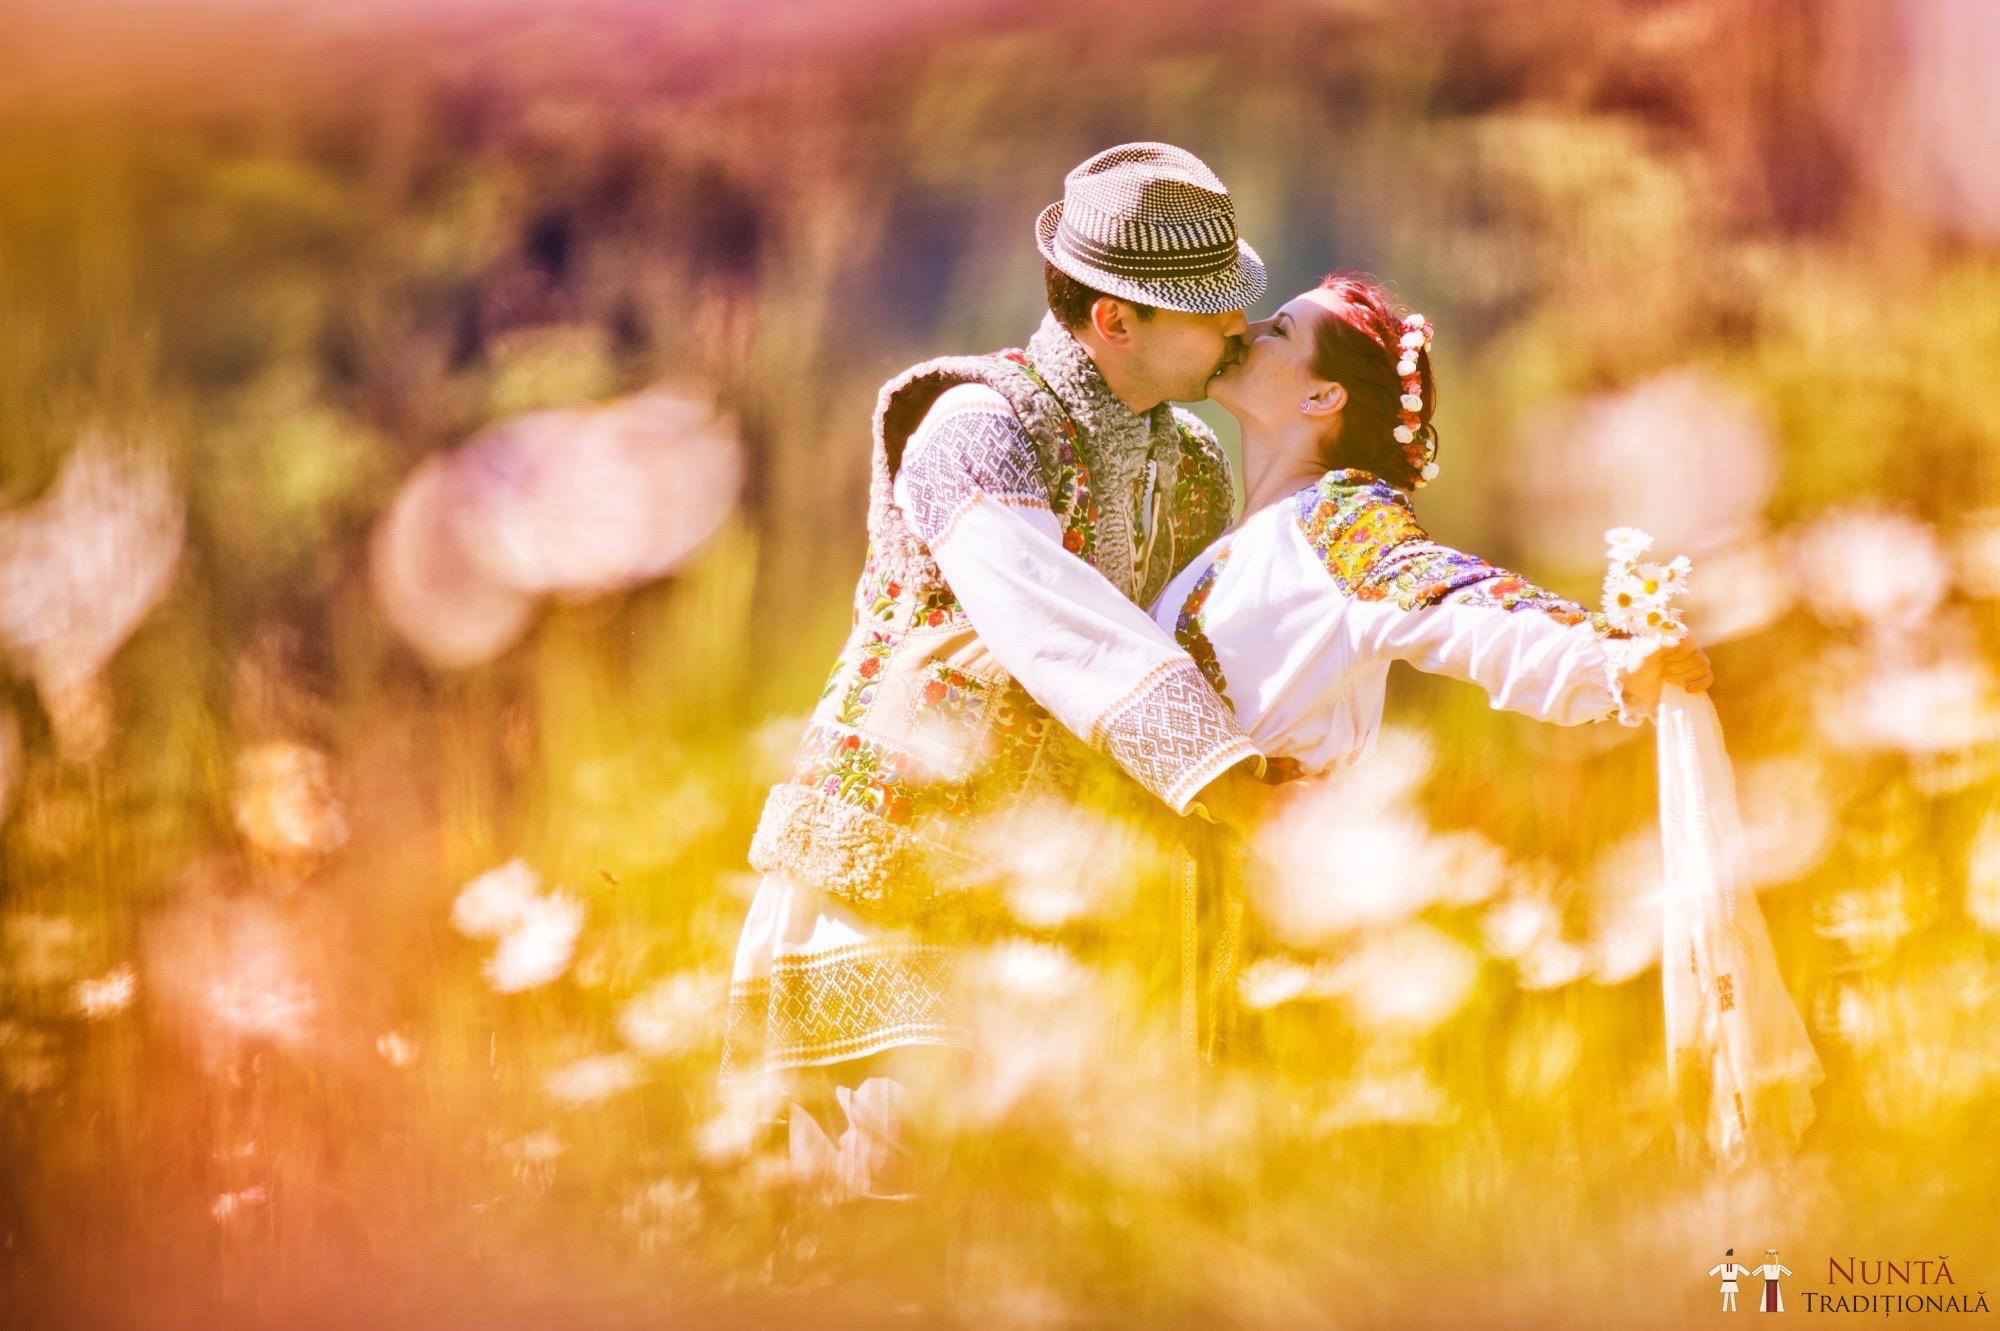 Povești Nunți Tradiționale - Gabriela și Mădălin - Nuntă Tradițională în Suceava, Bucovina 14